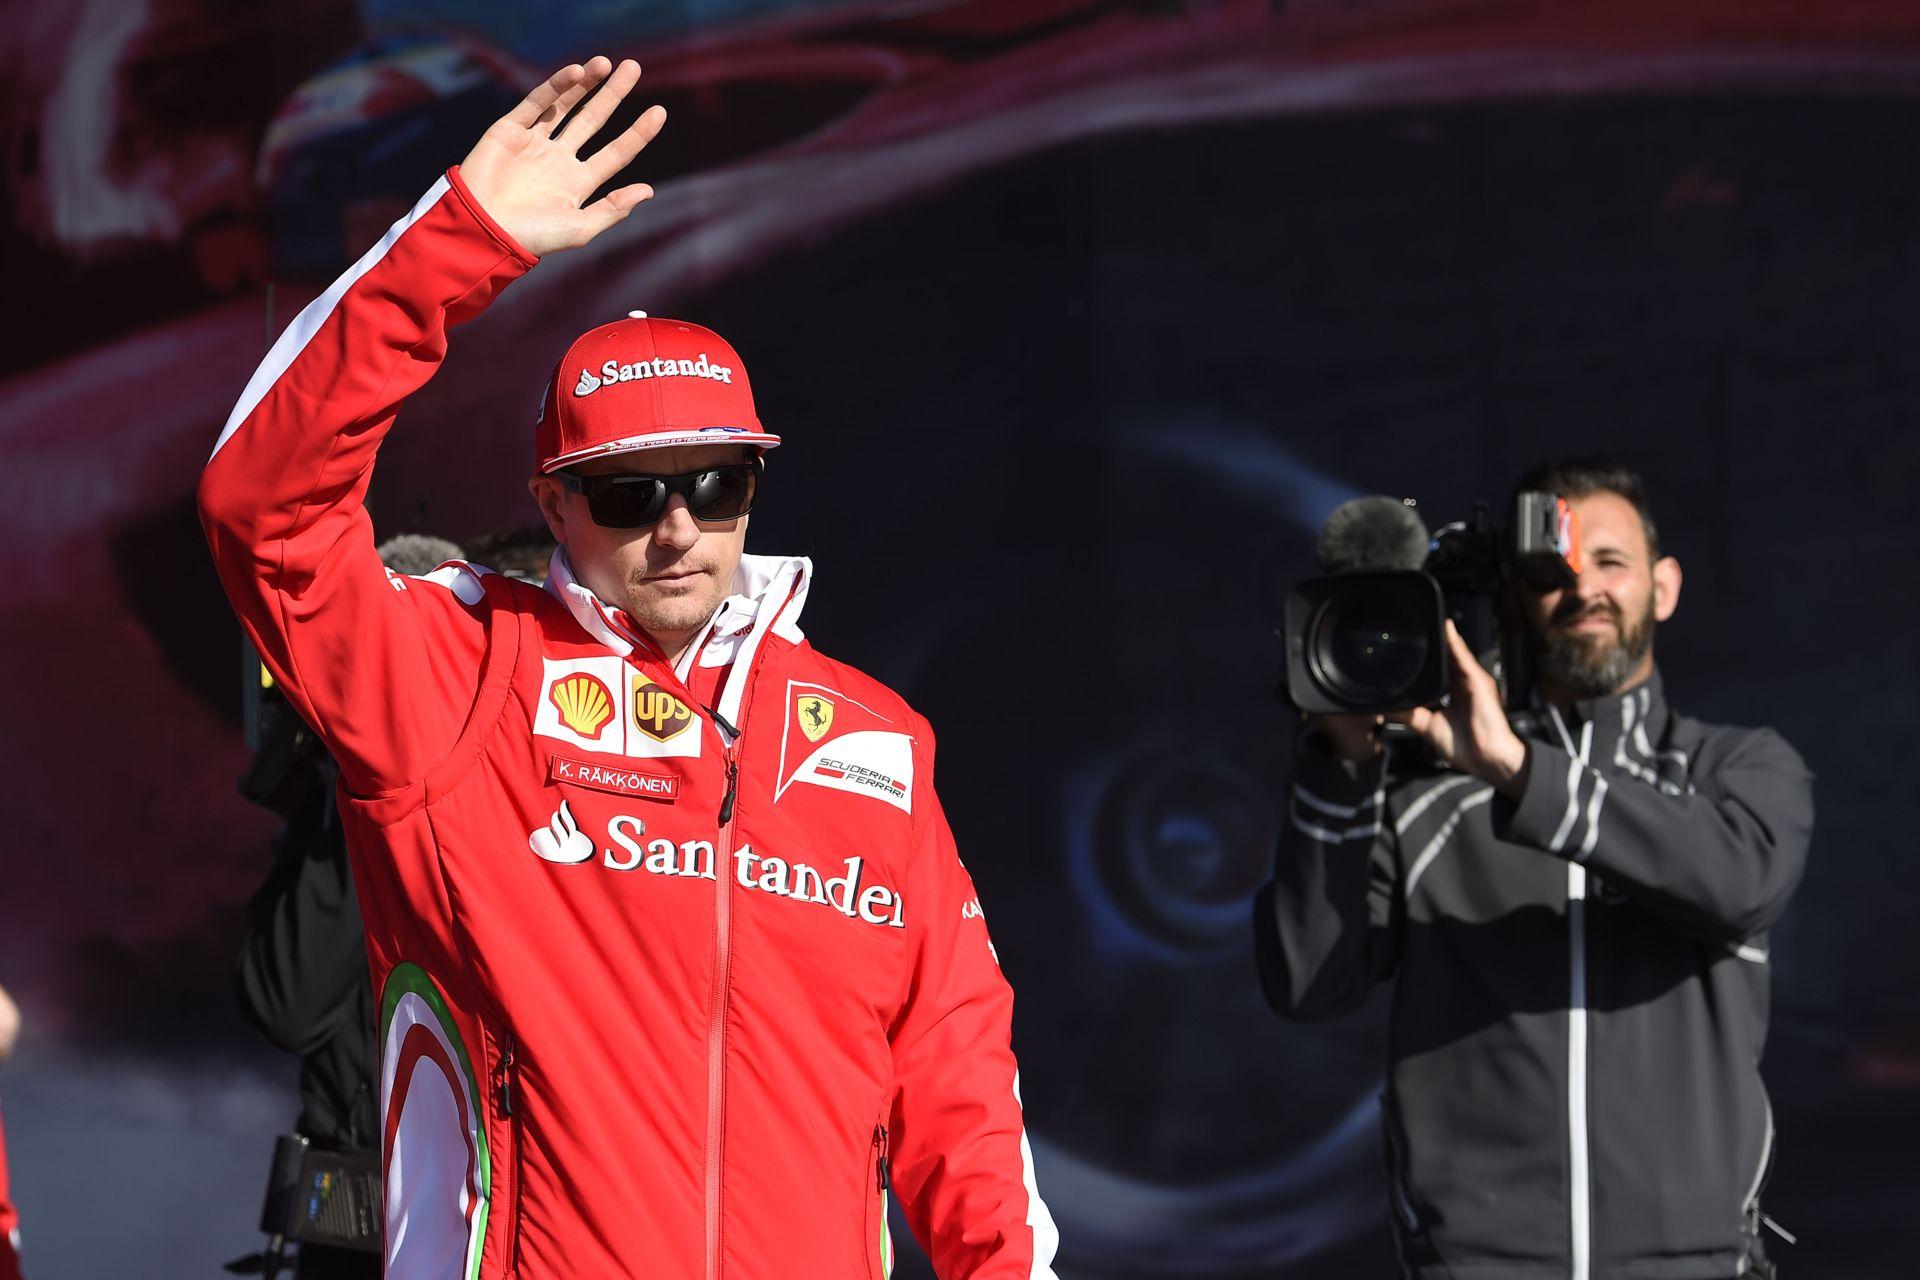 Hangolódjunk a Spanyol Nagydíjra Kimi Räikkönennel, és a Ferrari 488-cal!